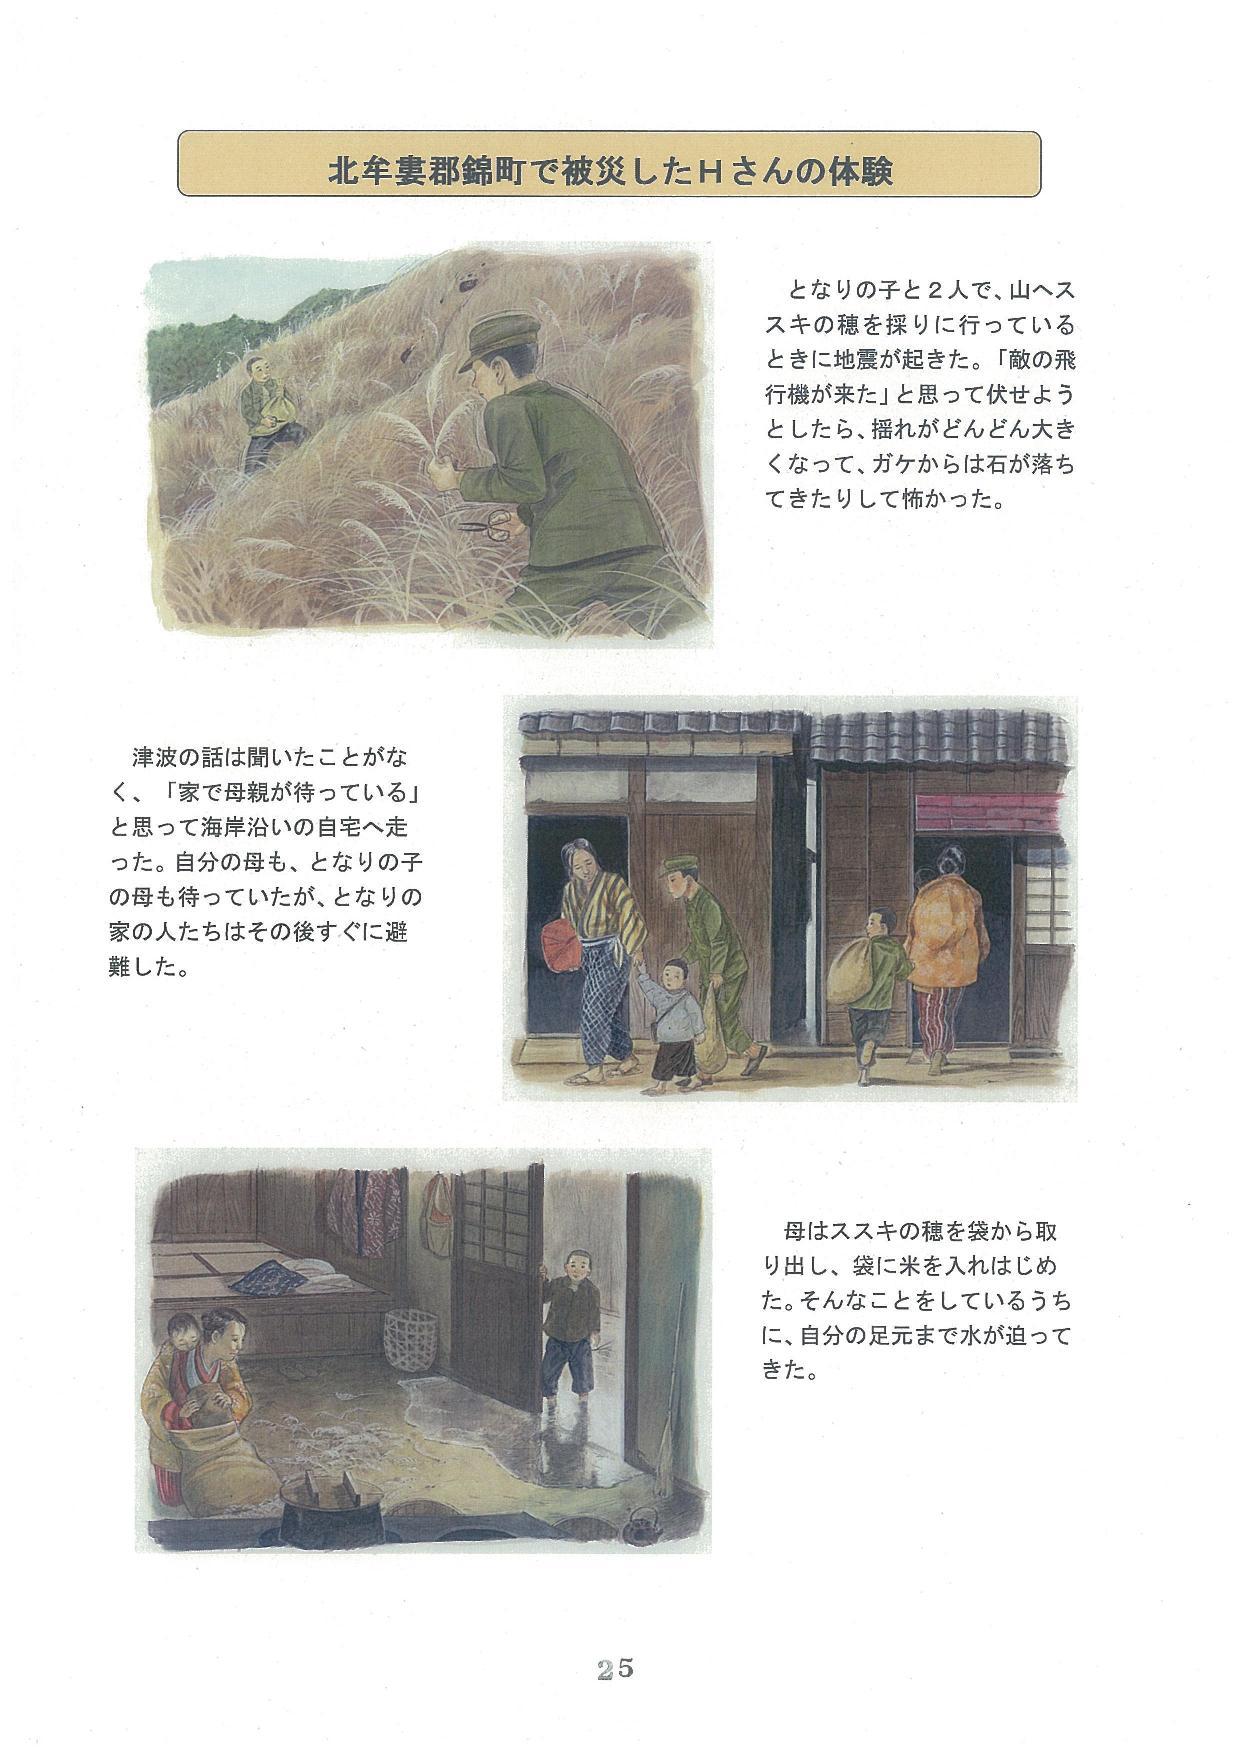 20171208-02_ページ_25